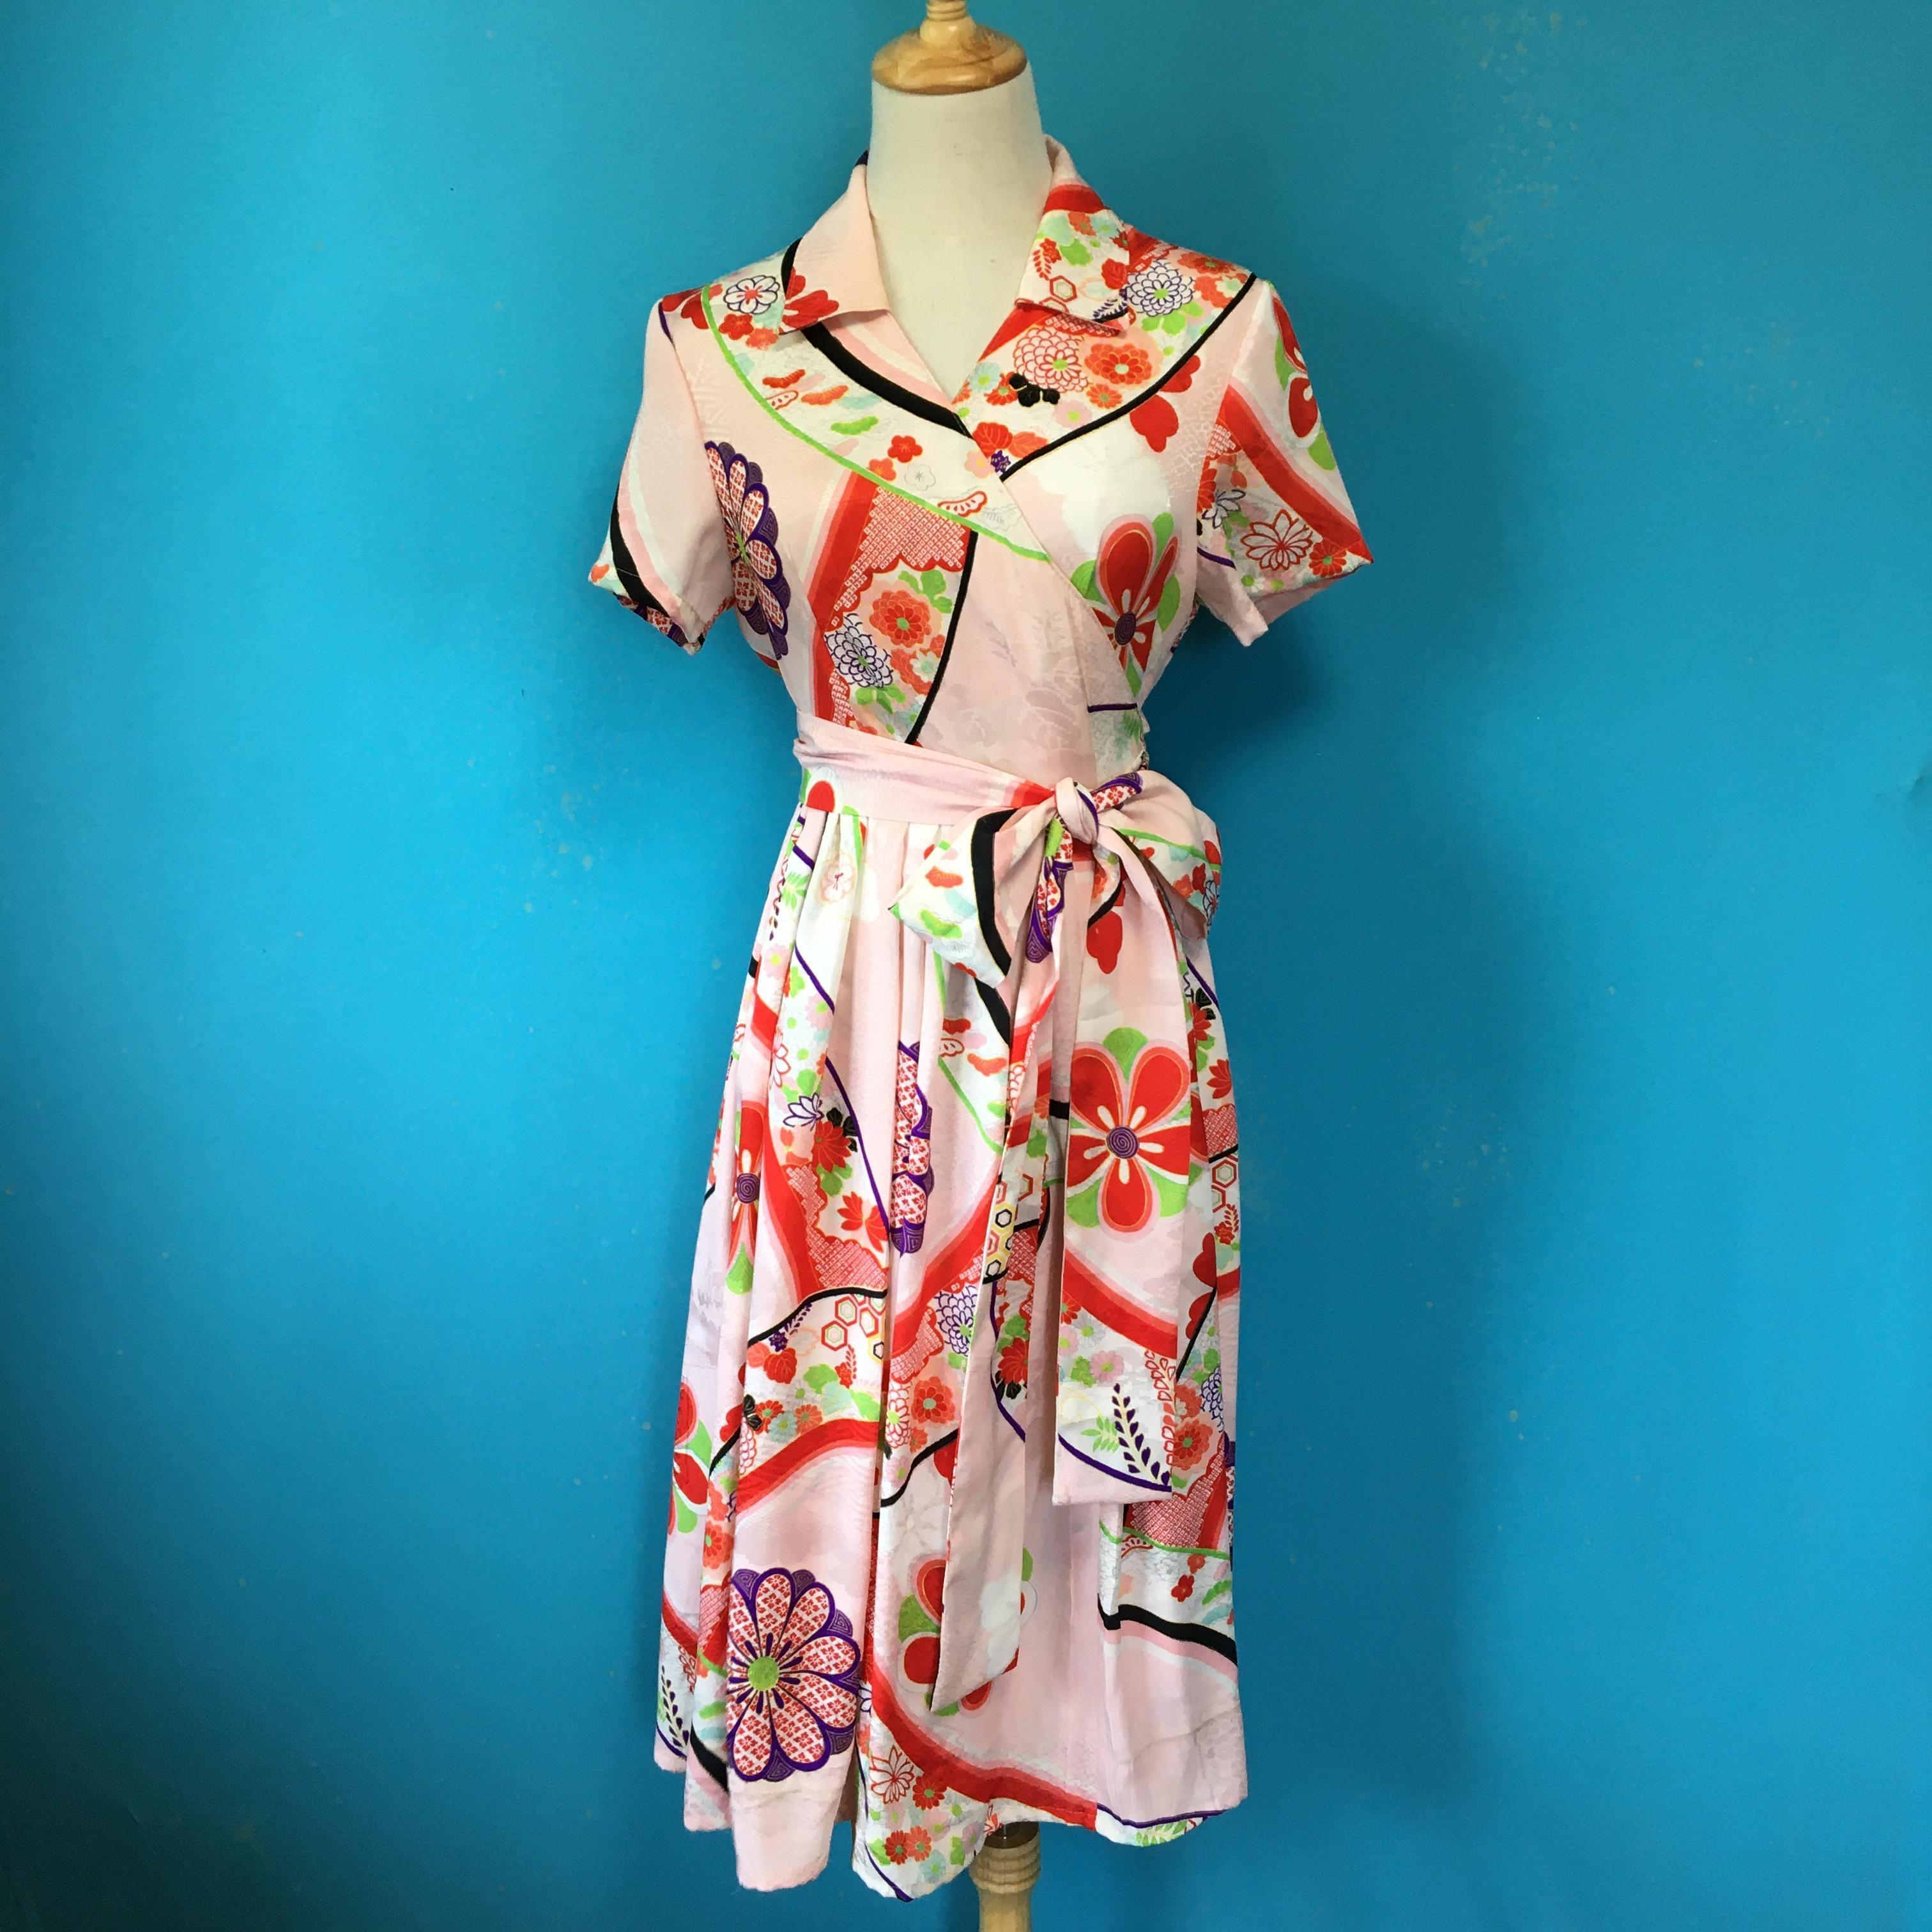 Vintage kimono dress/ US 6 レーヨン